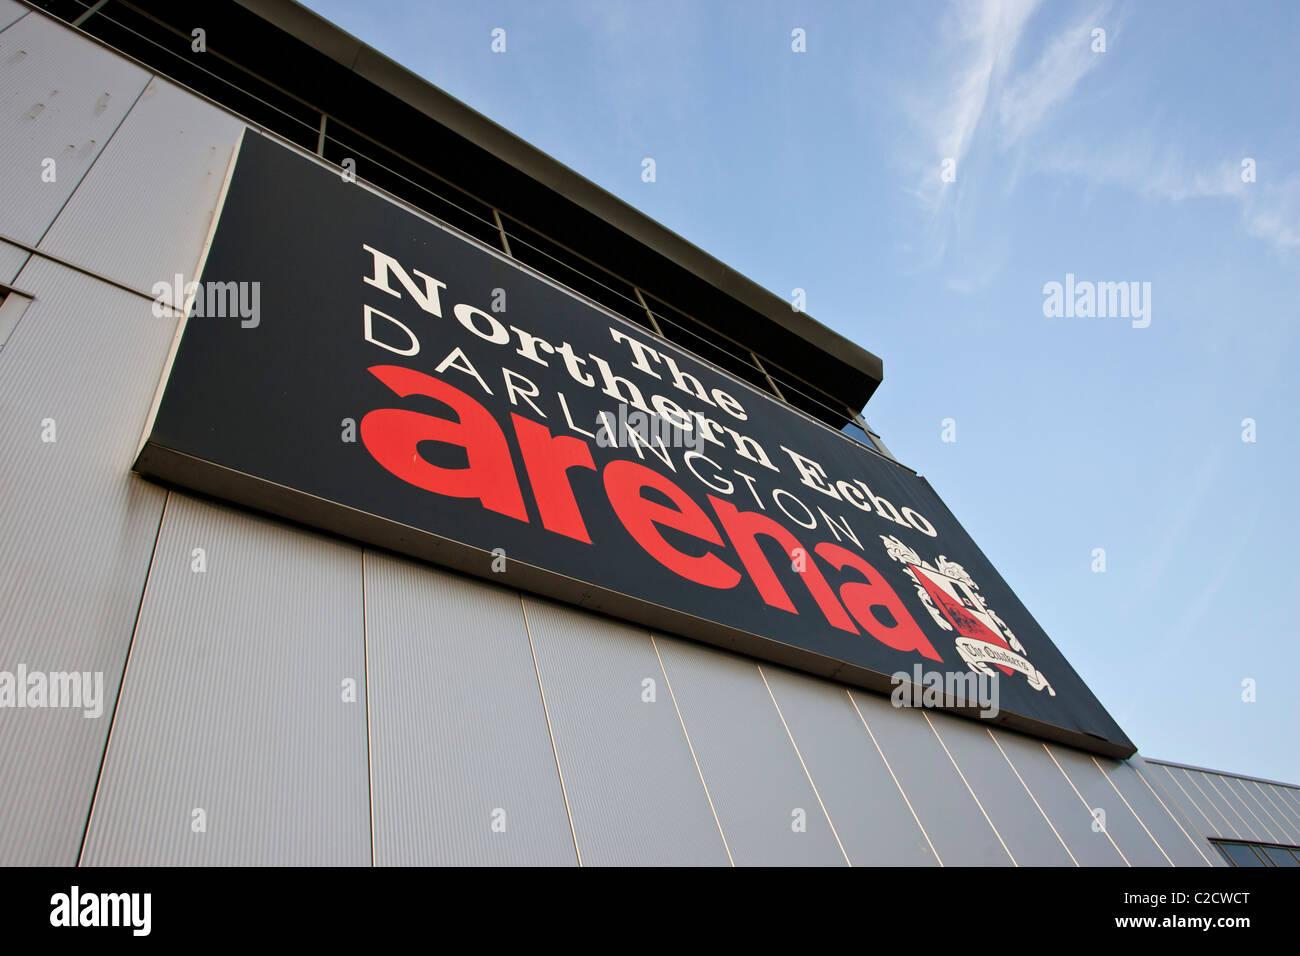 El norte de Darlington Echo Arena, hogar del club de fútbol de Darlington. Foto de stock